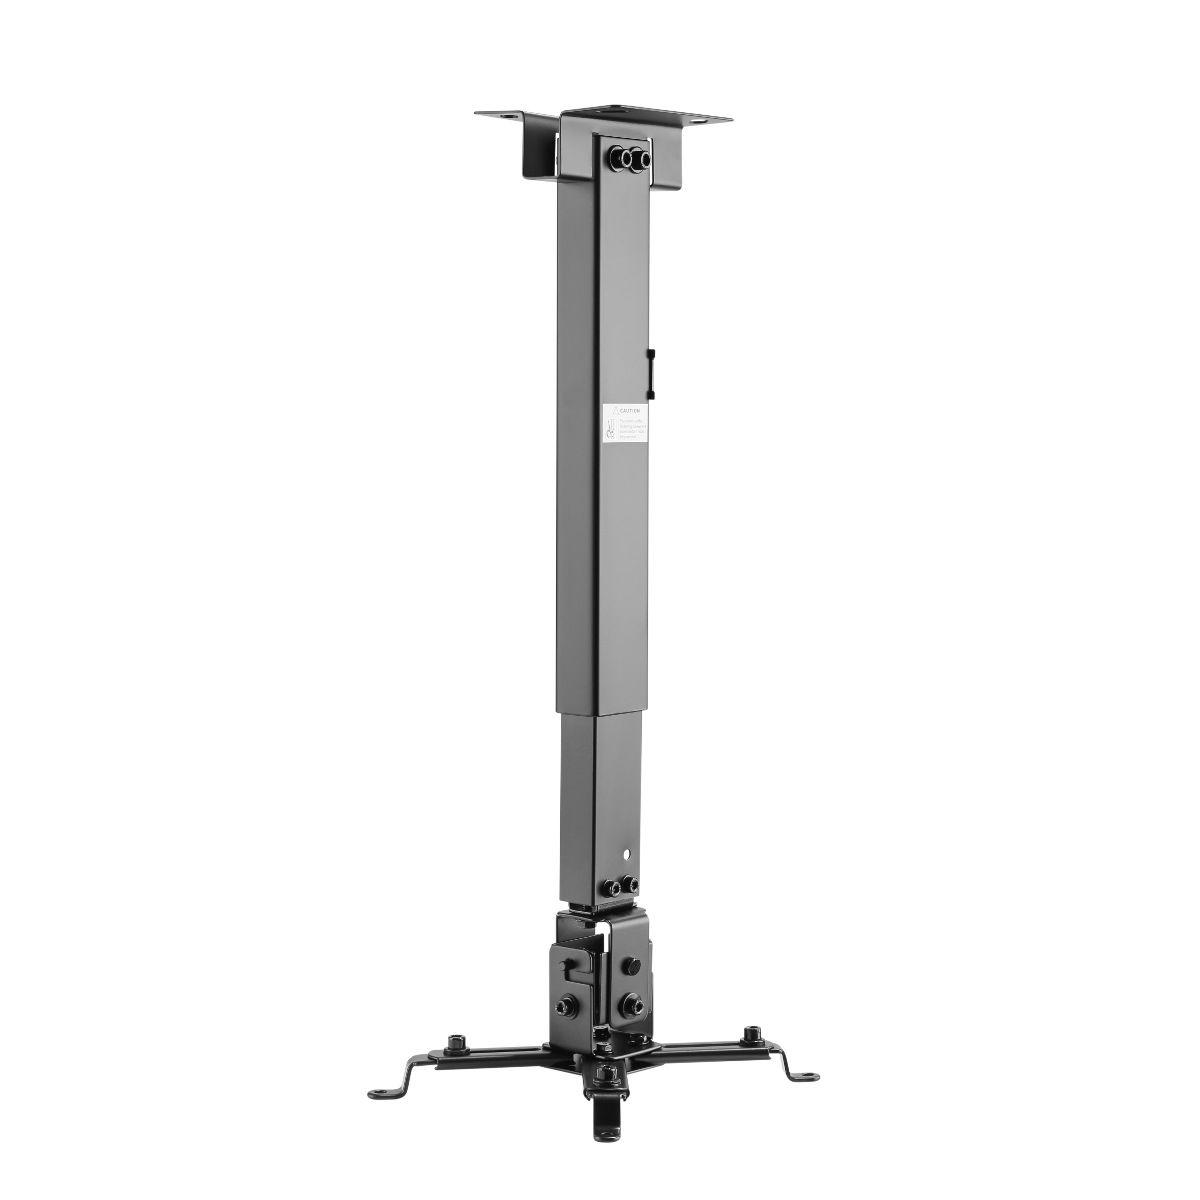 Suporte Universal p/ Projetor Teto/Parede 43-65cm c/ Inclinação 8º Giro 15º MT-305 - Multivisão